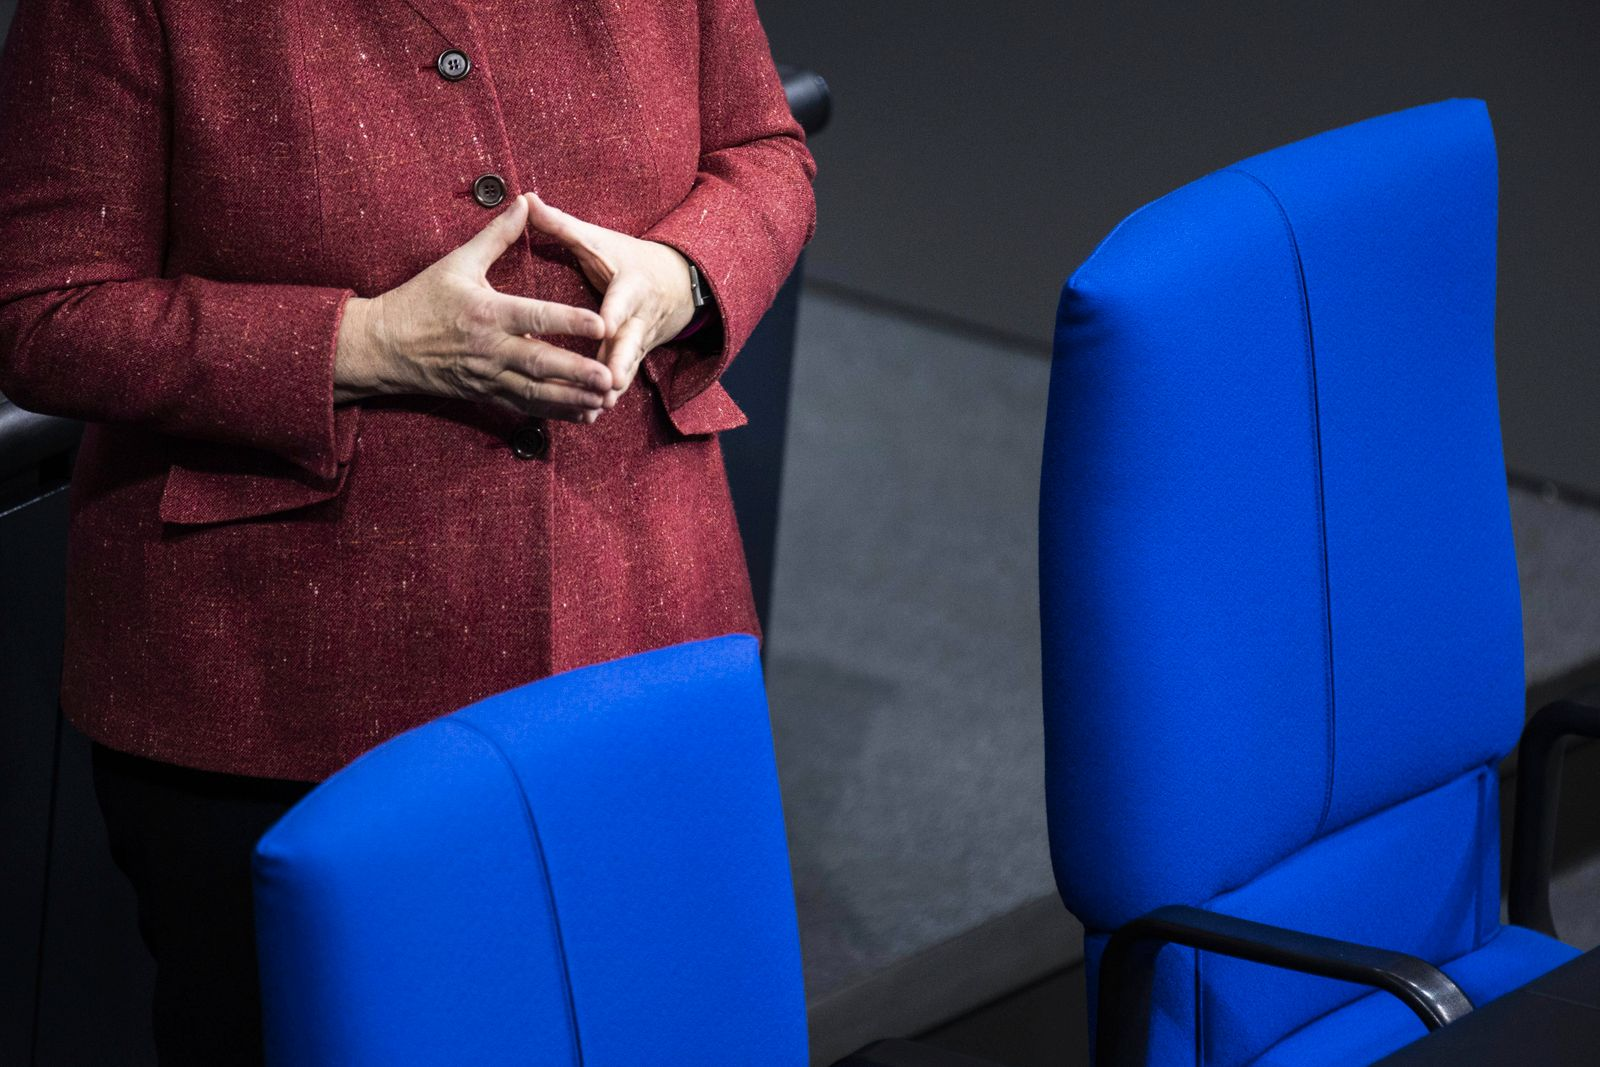 News Bilder des Tages Angela Merkel, Bundeskanzlerin, aufgenommen im Rahmen der Generaldebatte zum Bundeshaushalt im Deu